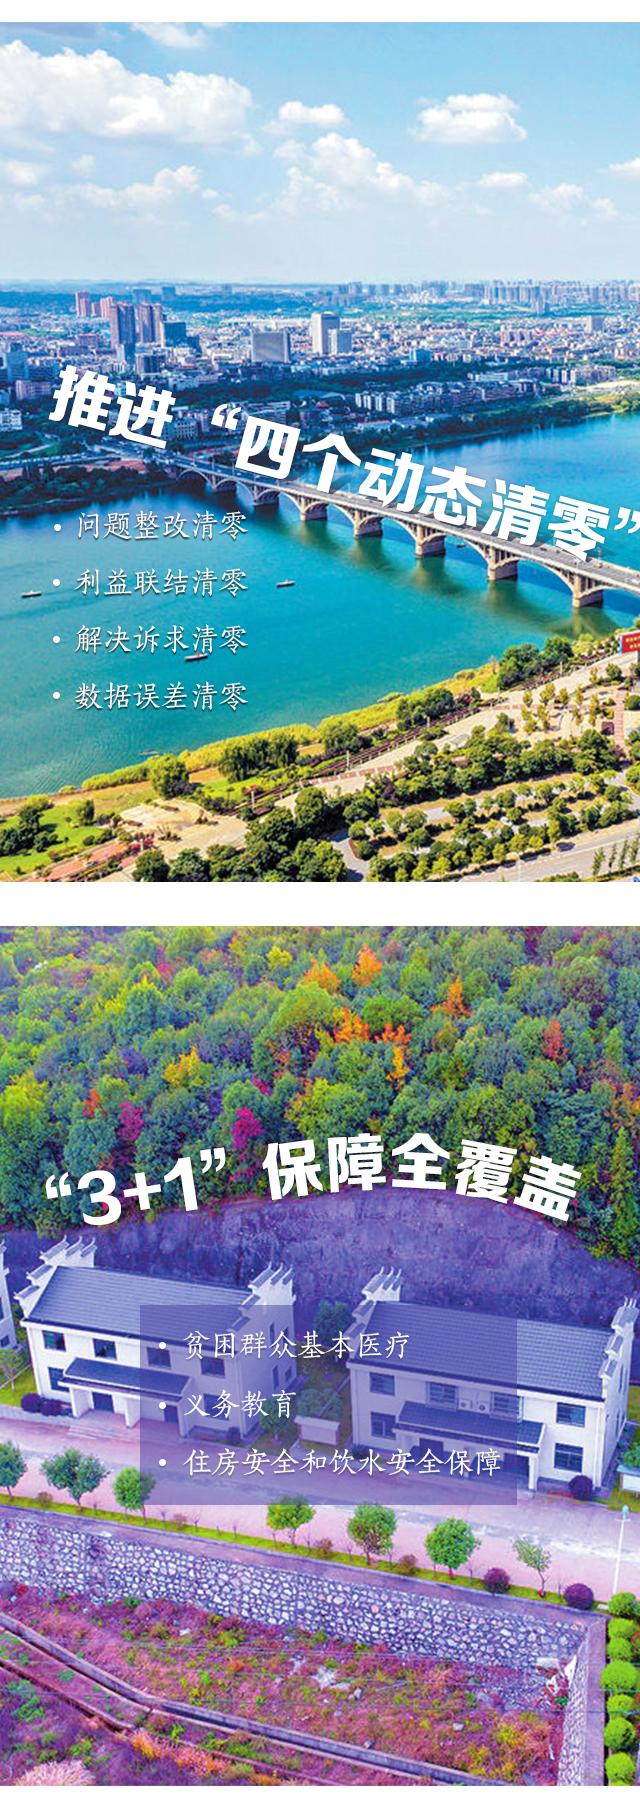 湘潭长图第一部分_05.jpg